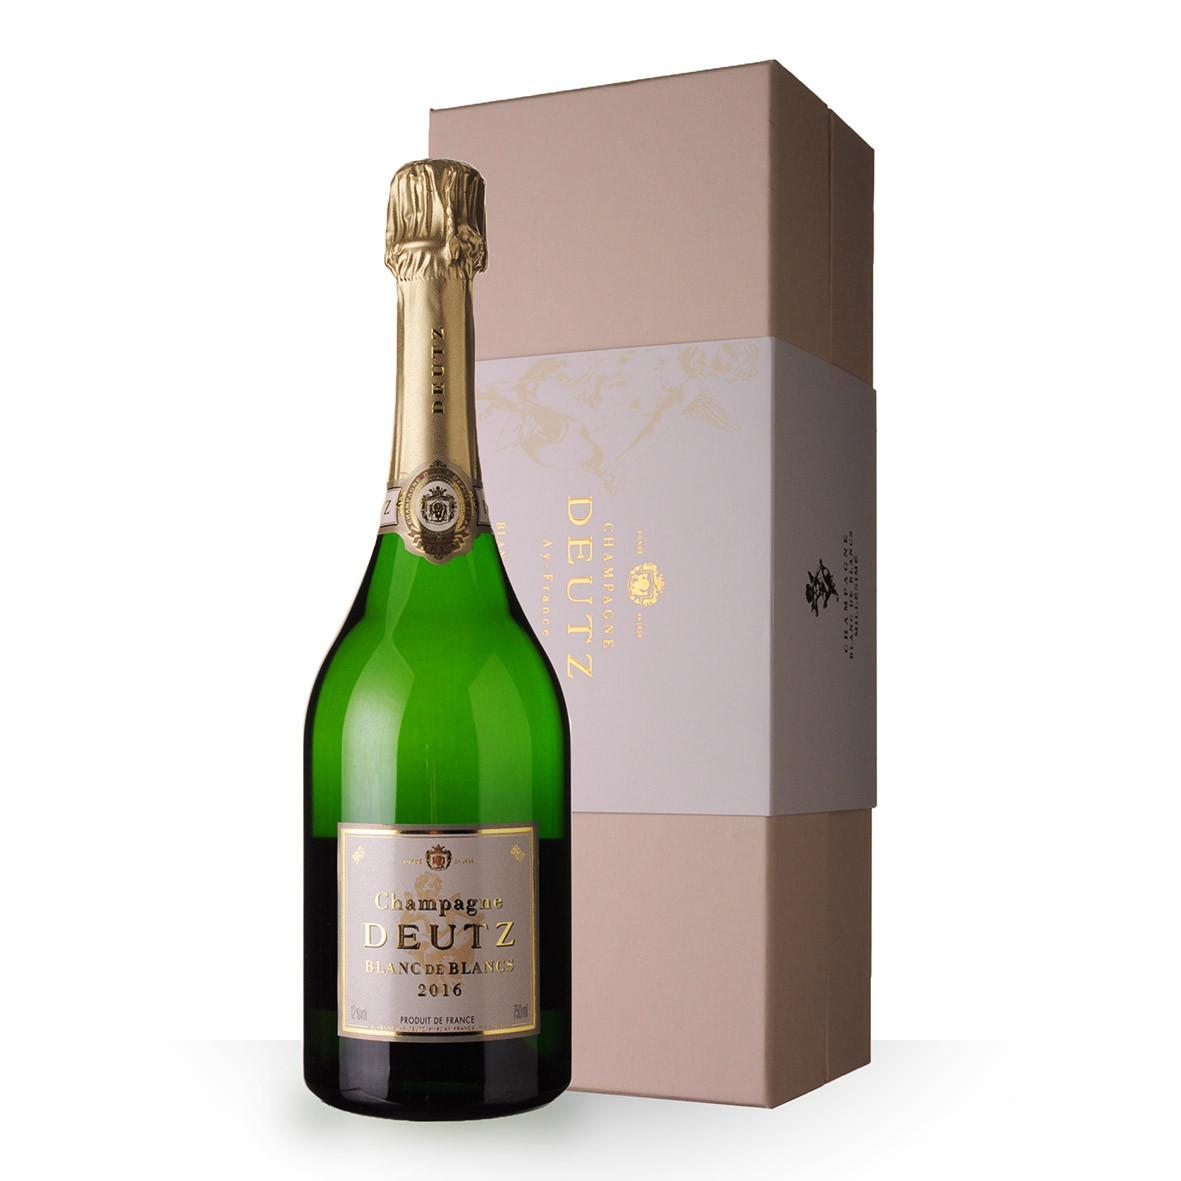 Champagne Deutz Blanc de Blancs 2016 75cl Coffret www.odyssee-vins.com